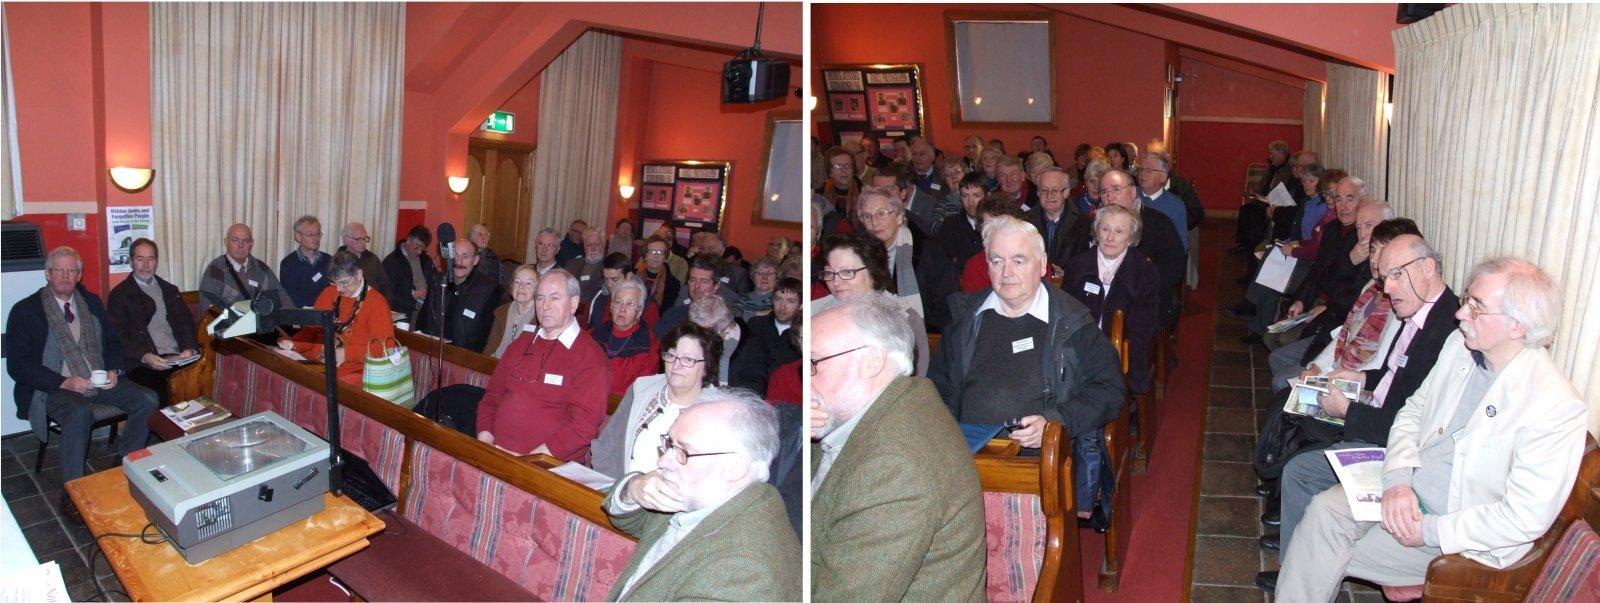 Attendees at the Seminar